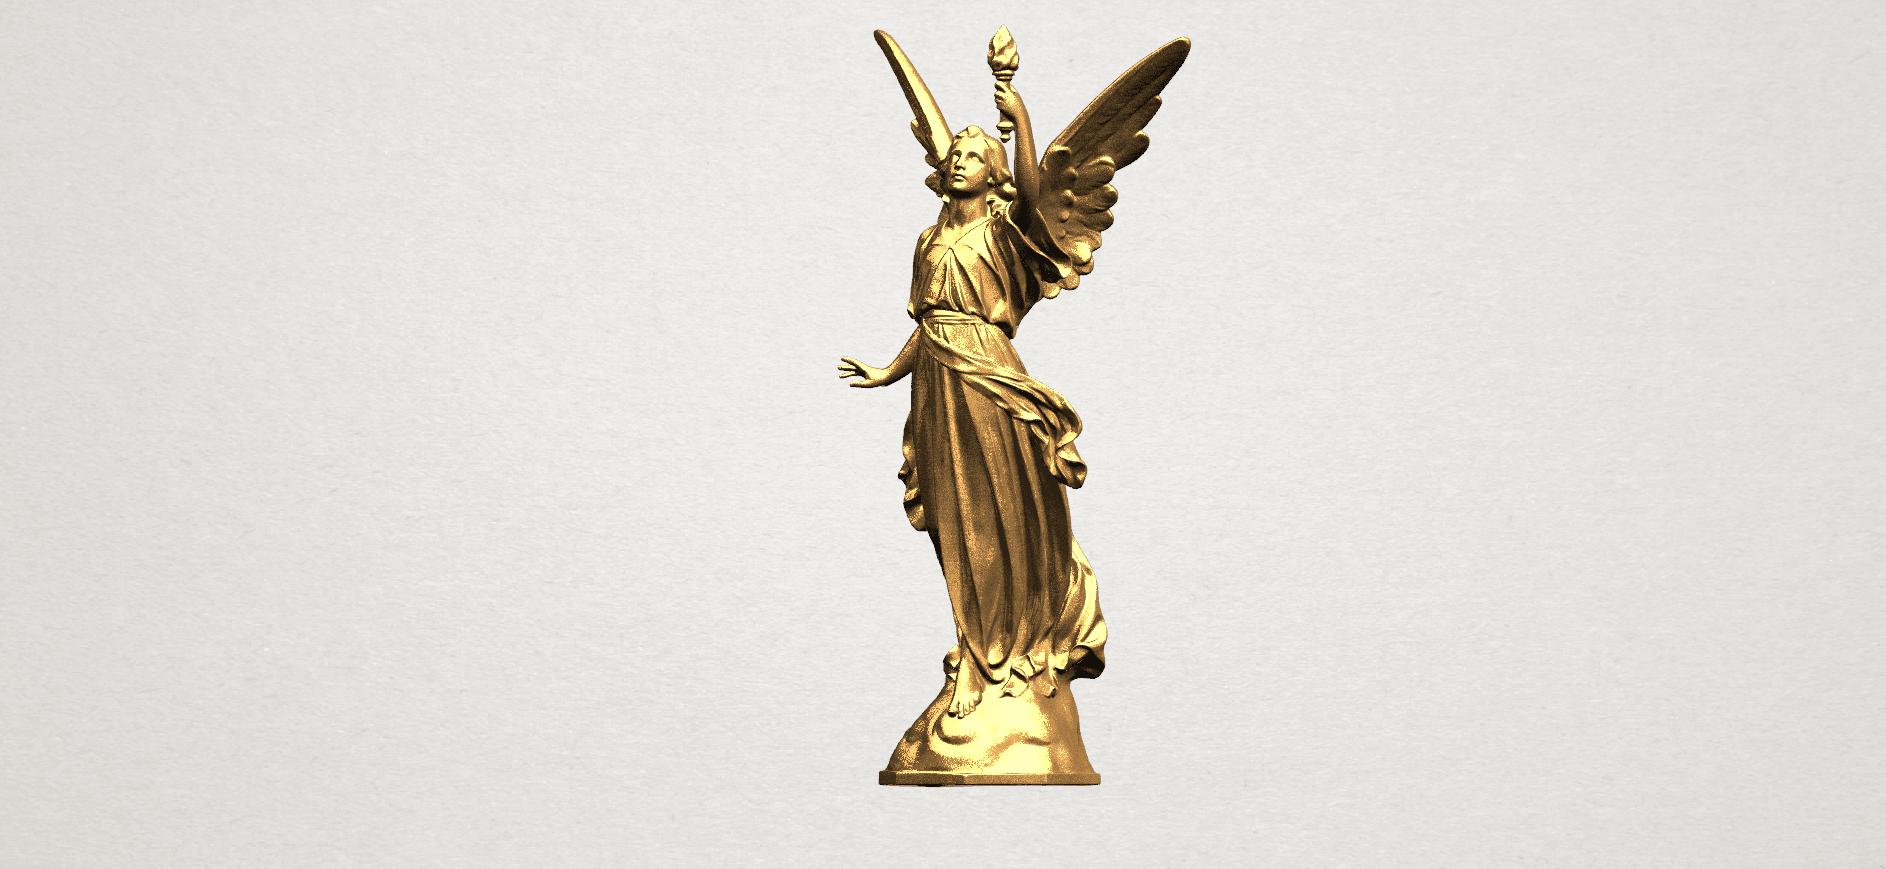 Statue 01 - A02.png Télécharger fichier STL gratuit Statue 01 • Design à imprimer en 3D, GeorgesNikkei